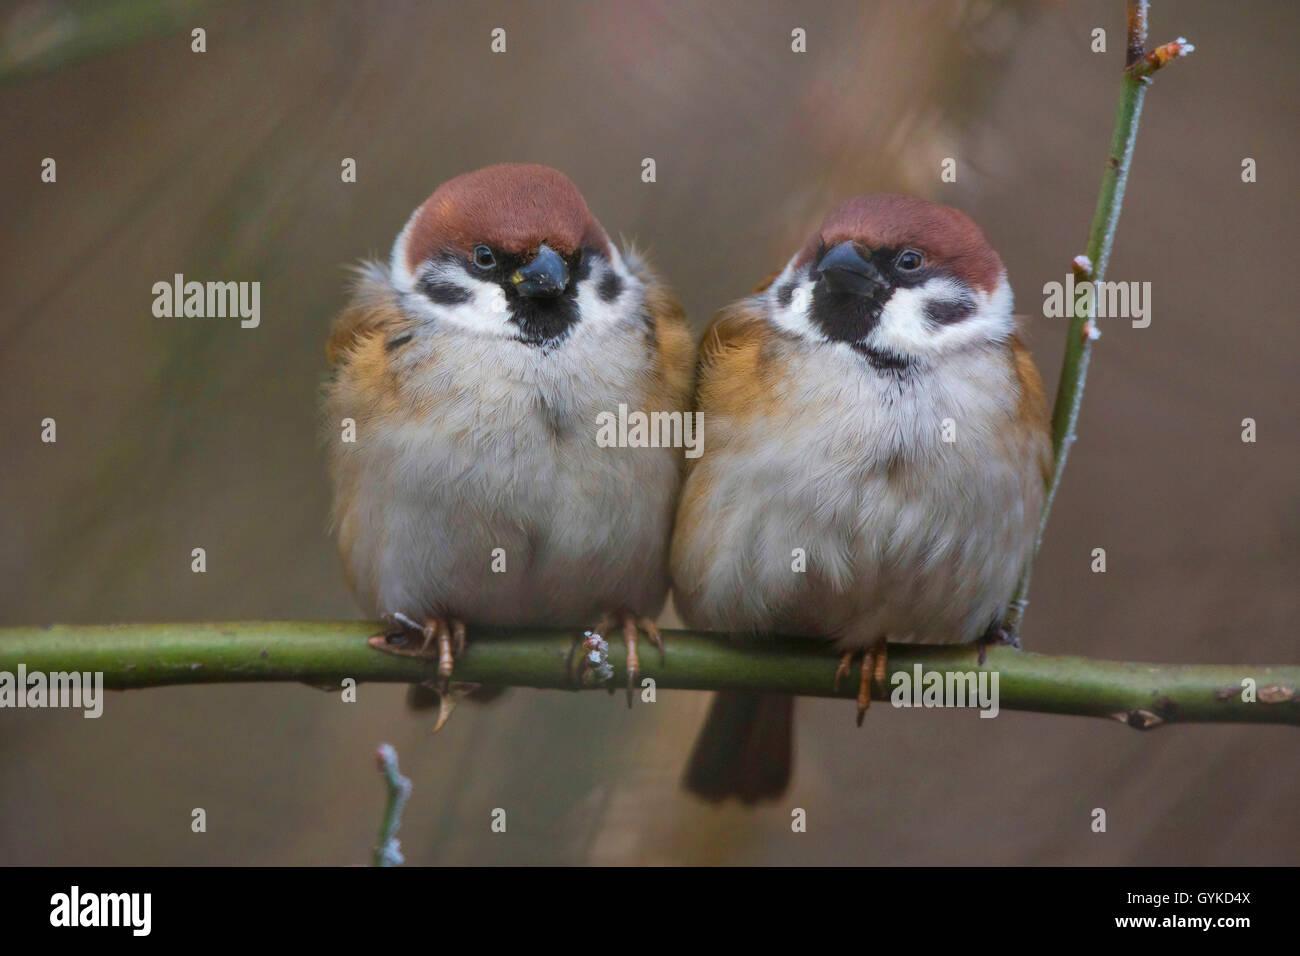 Feldsperling, Feldspatz (Passer montanus), zwei aufgeplusterte Spatzen sitzen zusammen auf einem Ast, Vorderansicht, Stock Photo